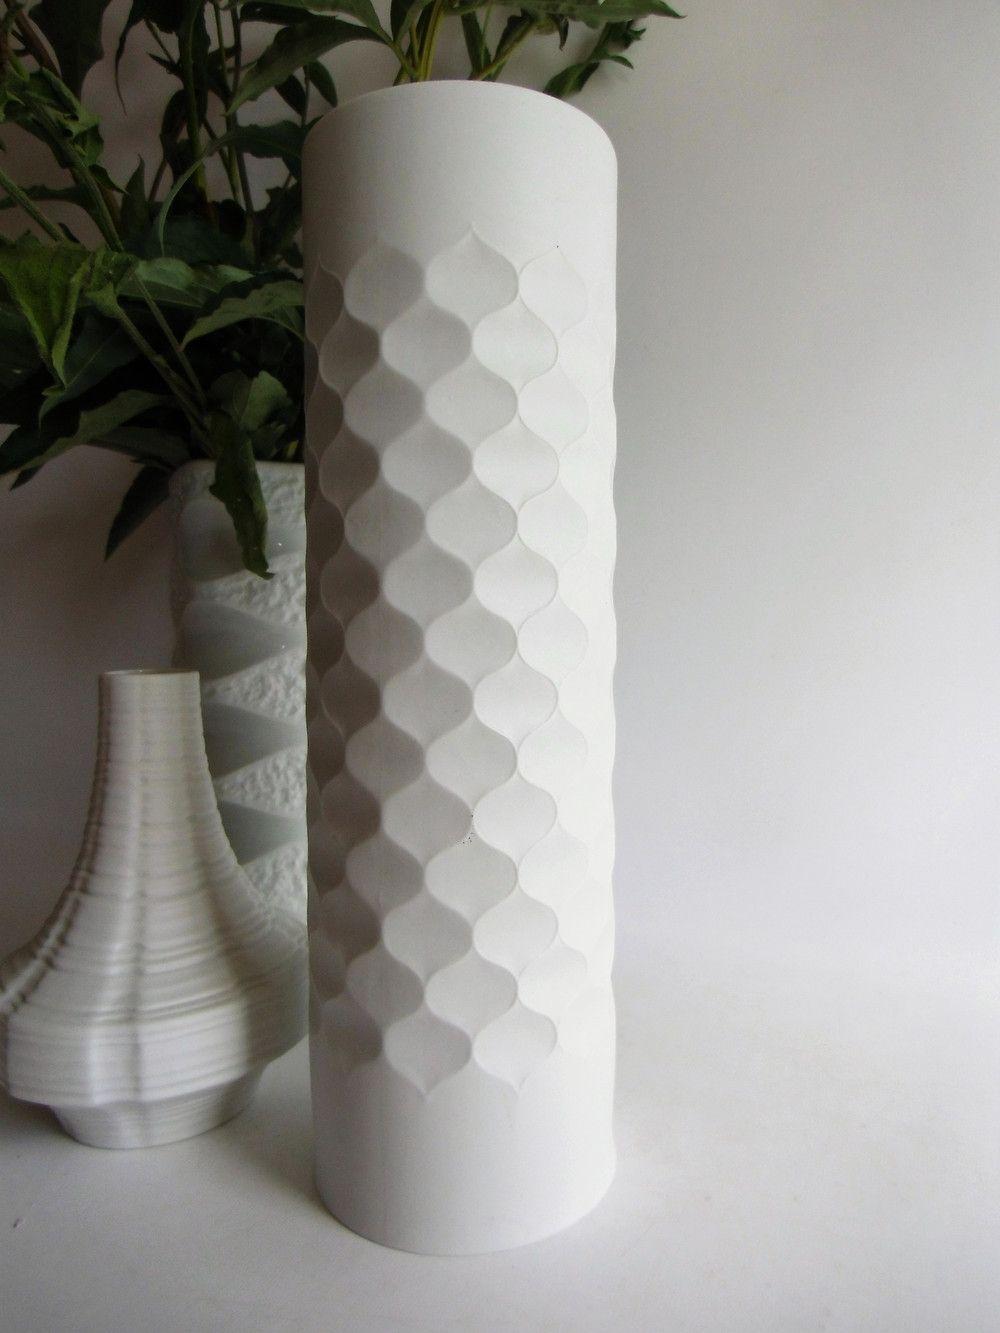 Vintage Vasen Vase Bisquit Porzellan Scherzer Ein Designerstück Von Susduett Bei Dawanda Vintage Vasen Vase Weiß Keramik Design